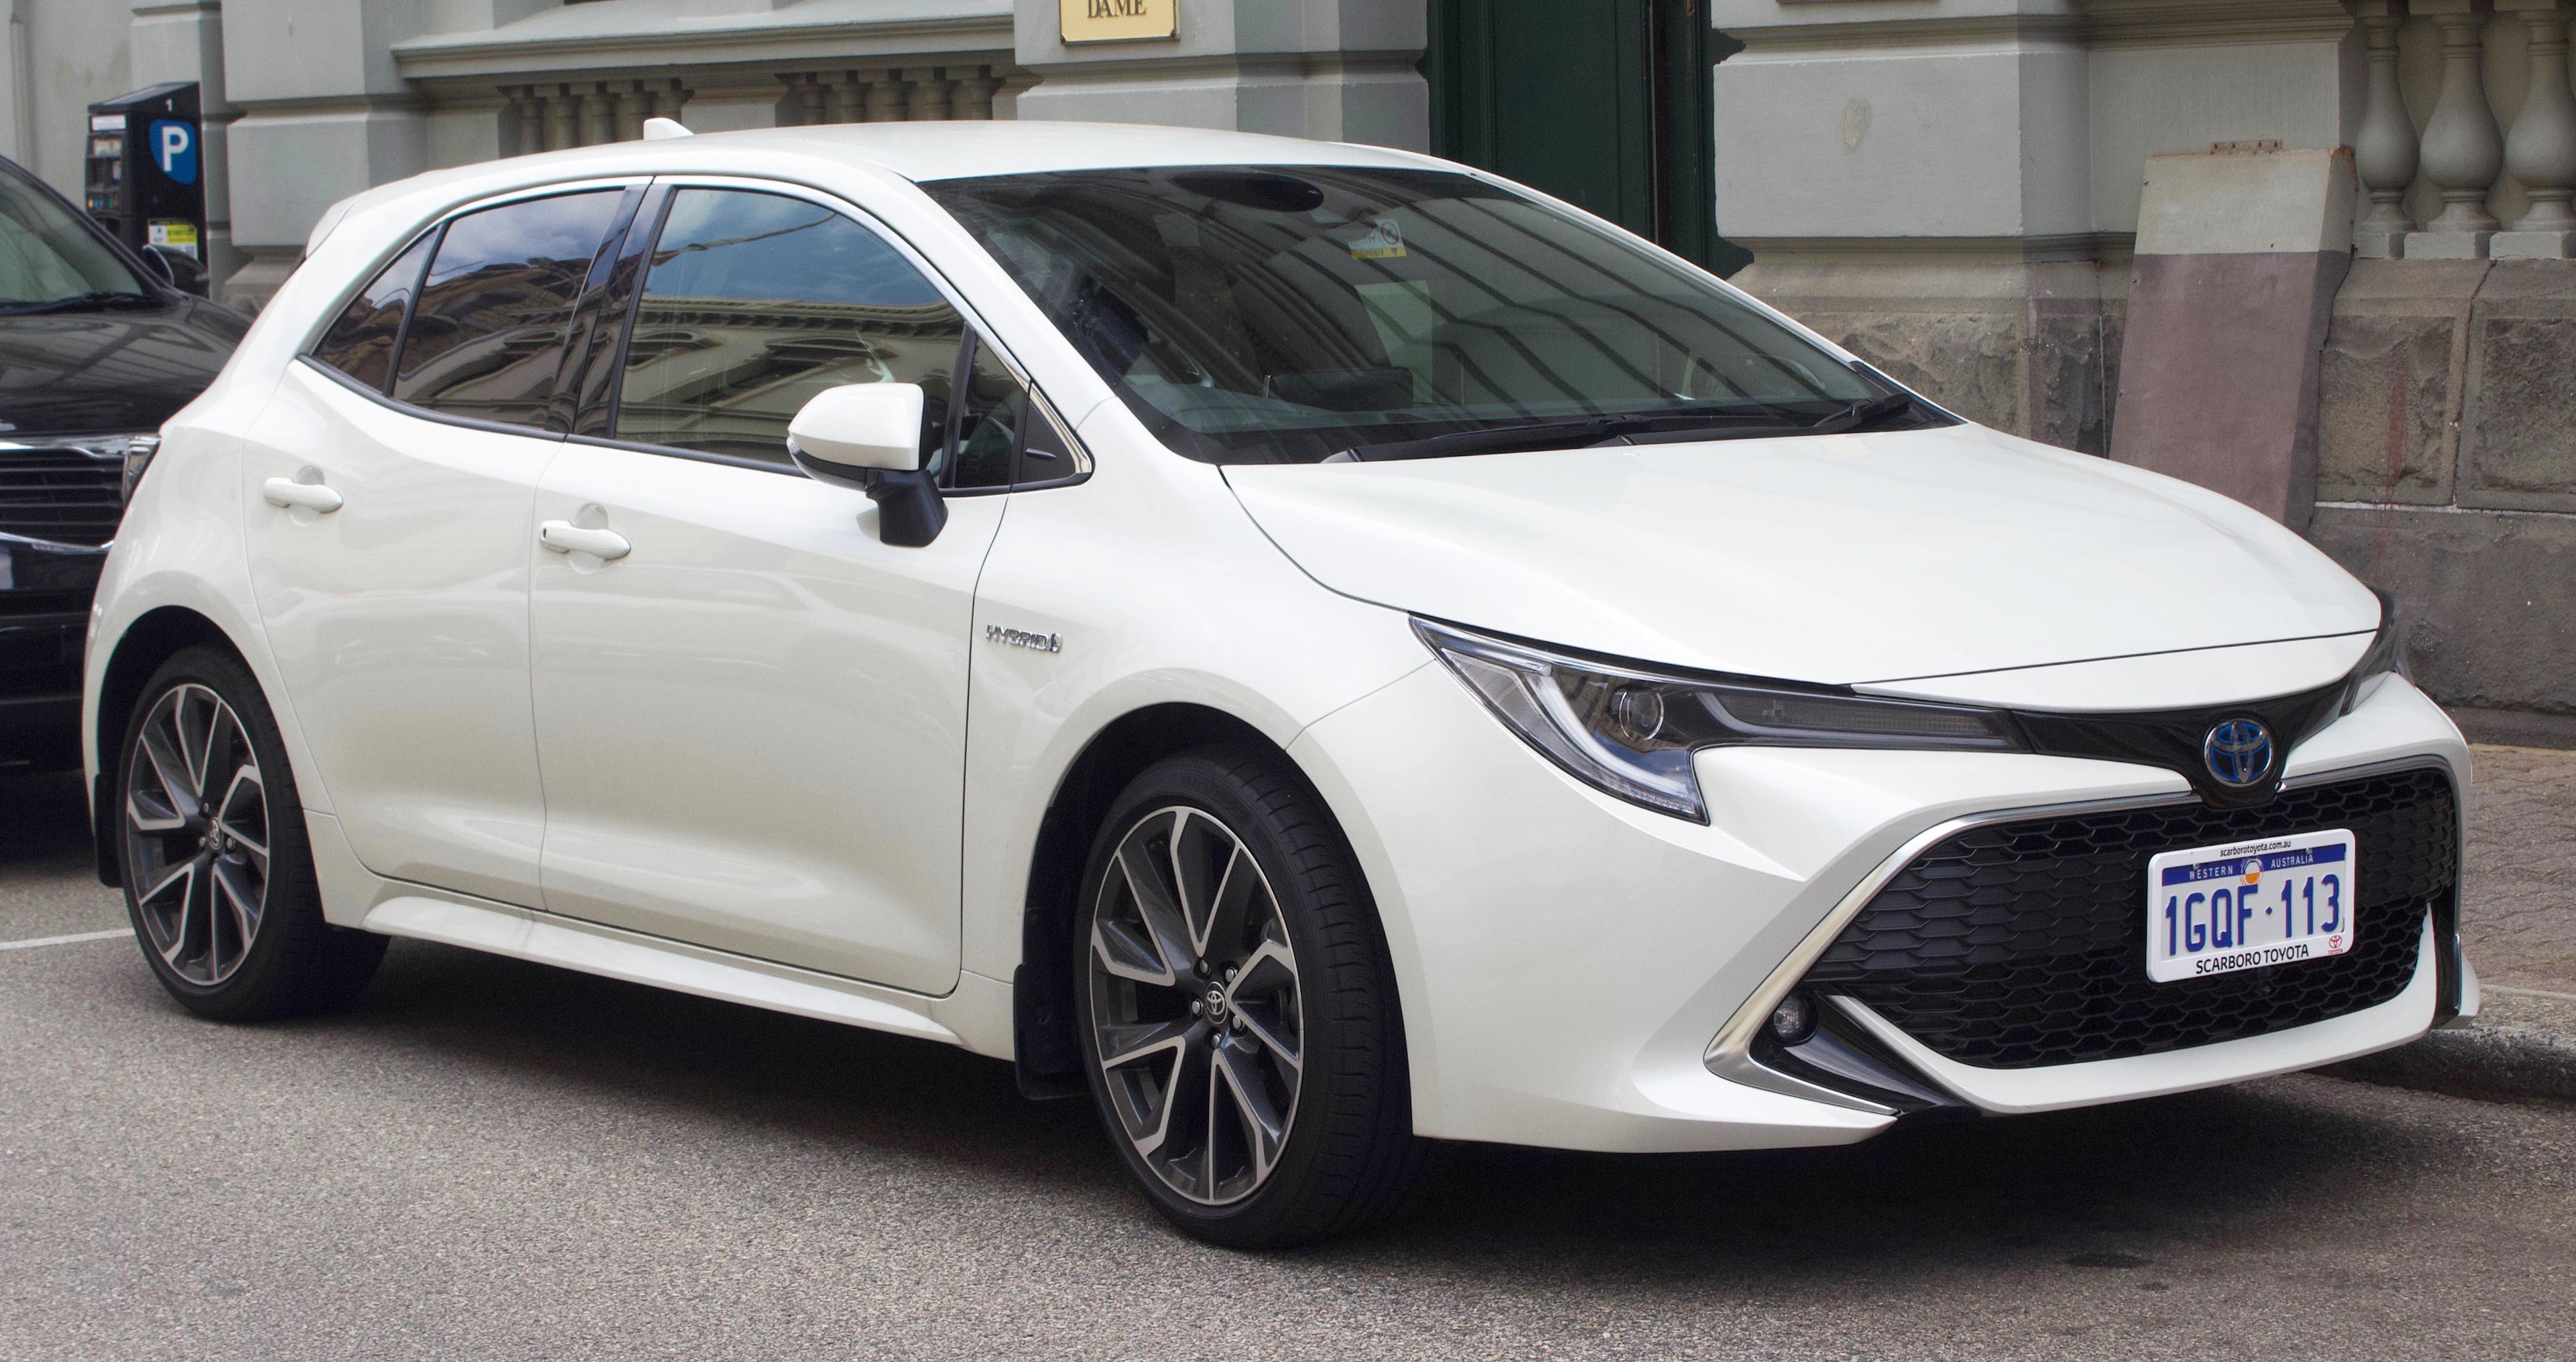 Kelebihan Kekurangan All New Corolla Harga